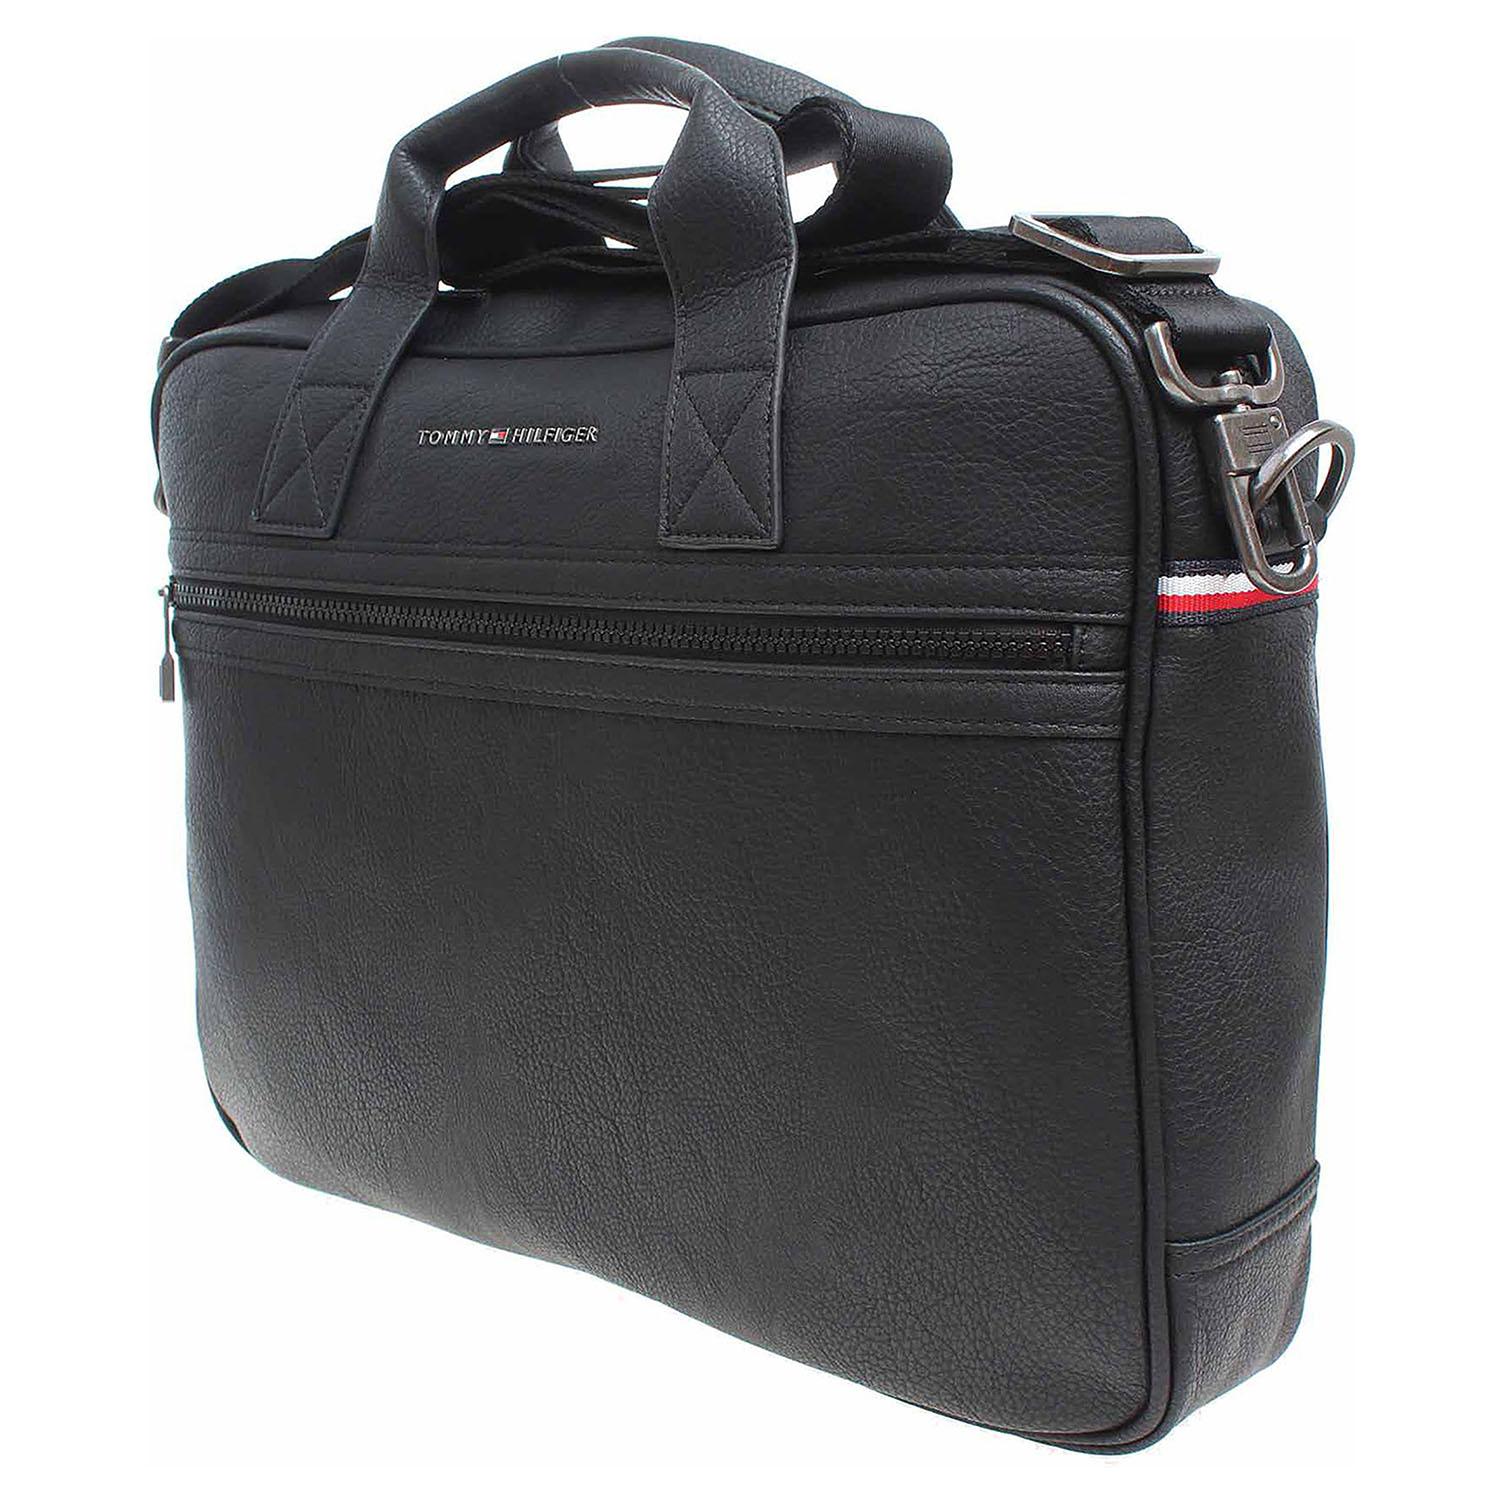 Ecco Tommy Hilfiger pánská taška AM0AM01589 černá 10701188